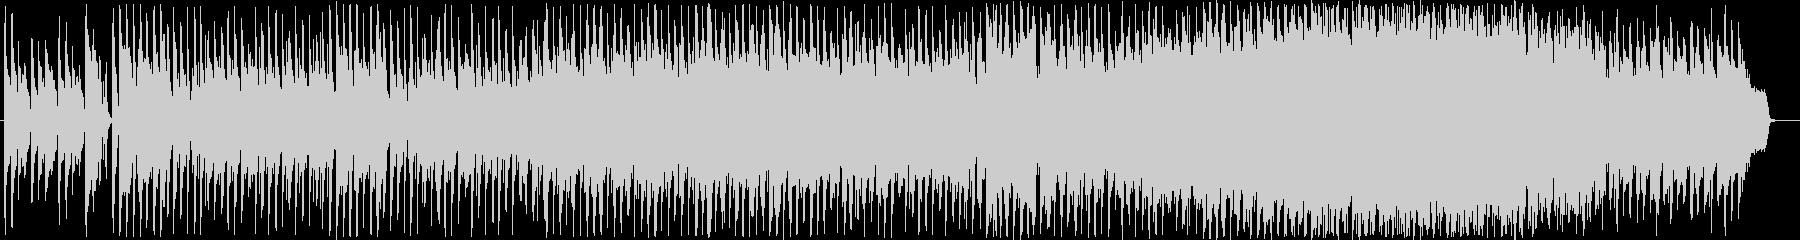 メロディ強めのポップ系BGMの未再生の波形